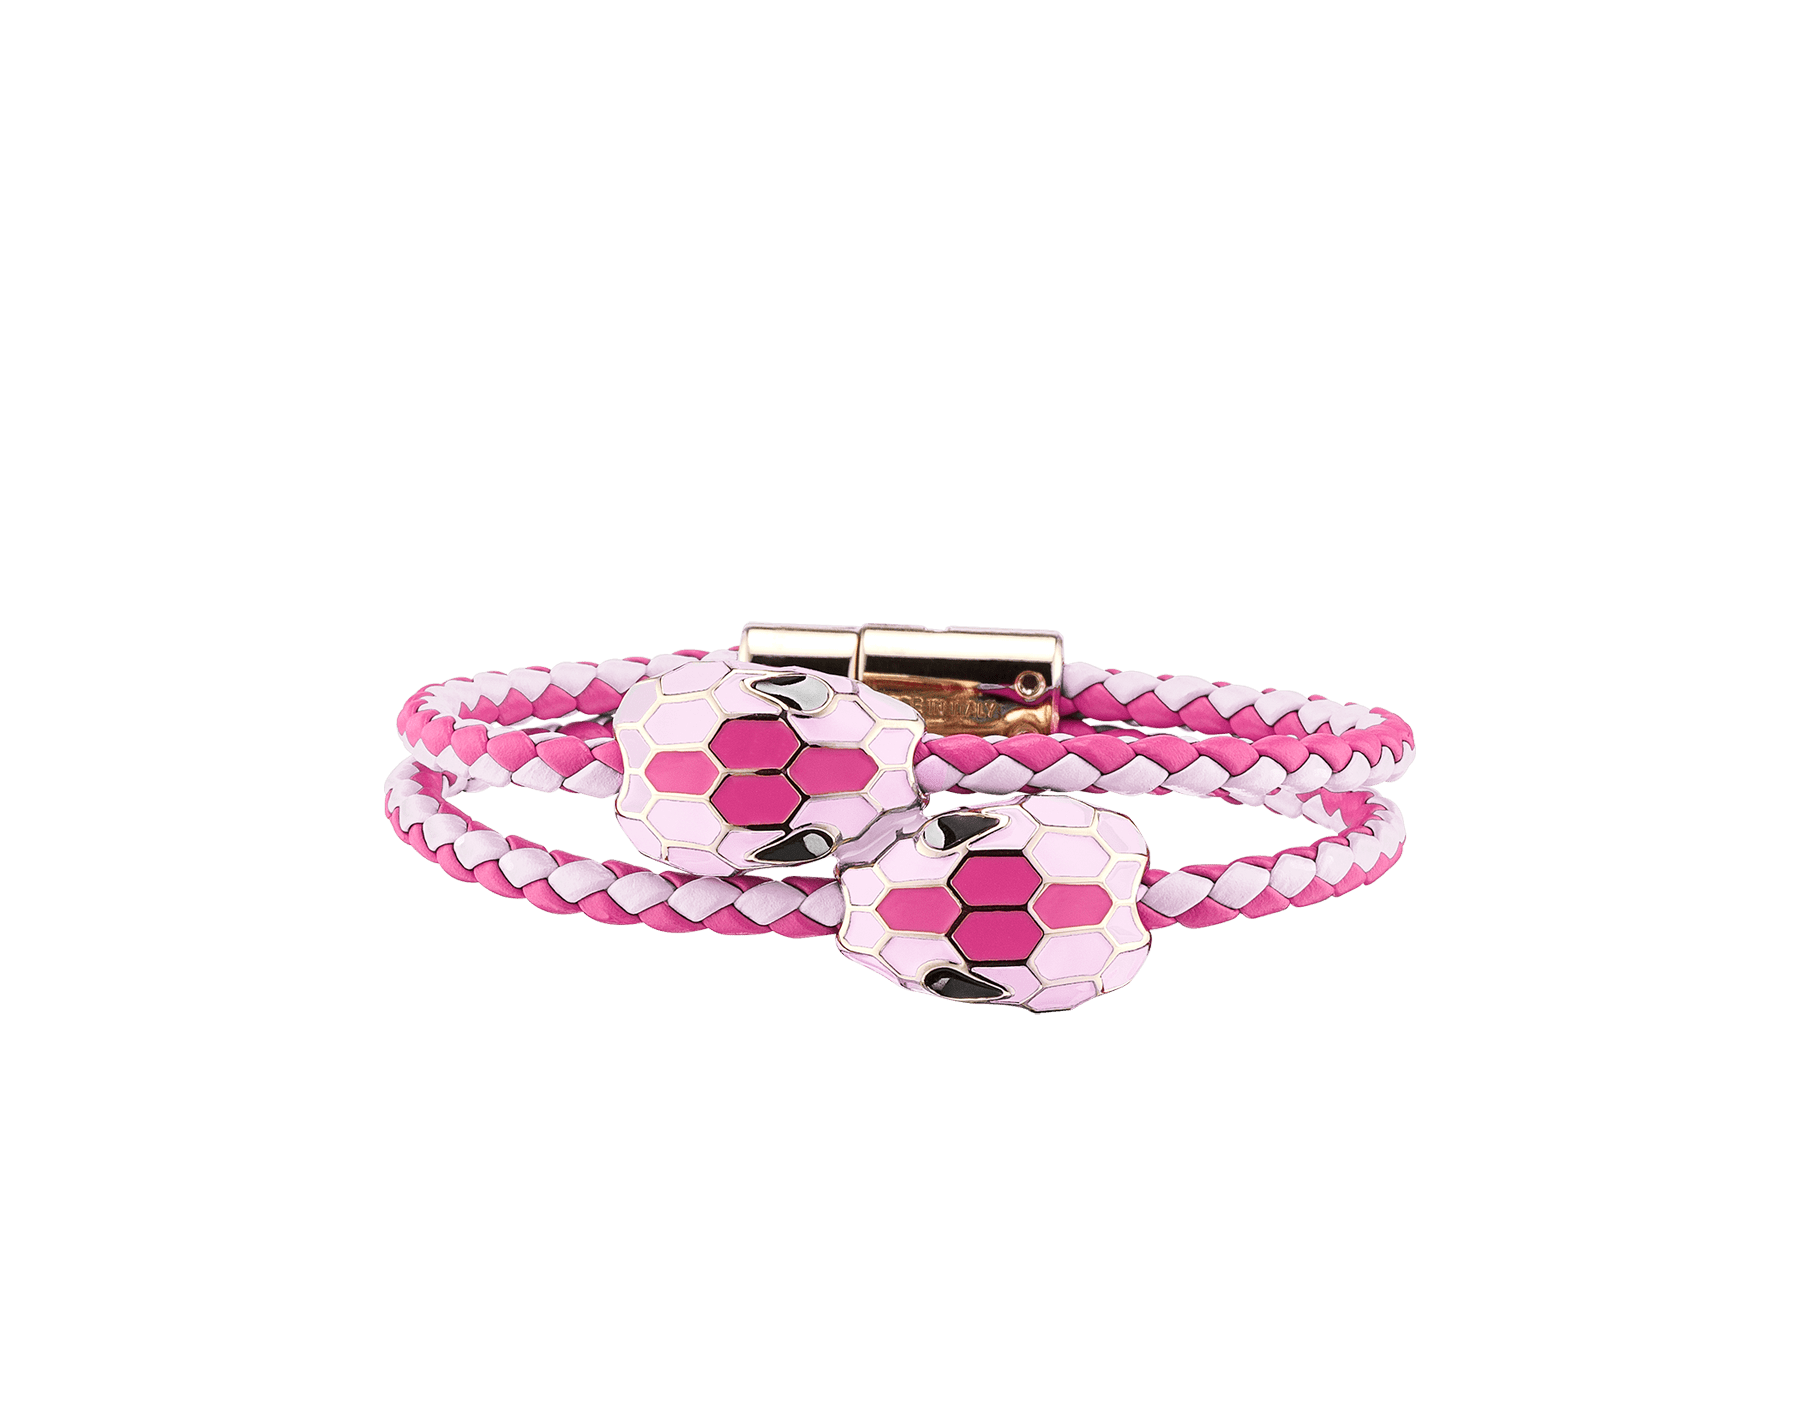 Pulsera trenzada doble Serpenti Forever en piel de becerro tejida colores amatista brillante y rosa de Francia con un motivo doble de cabeza de serpiente en esmalte colores rosa de Francia y amatista brillante. 289475 image 1